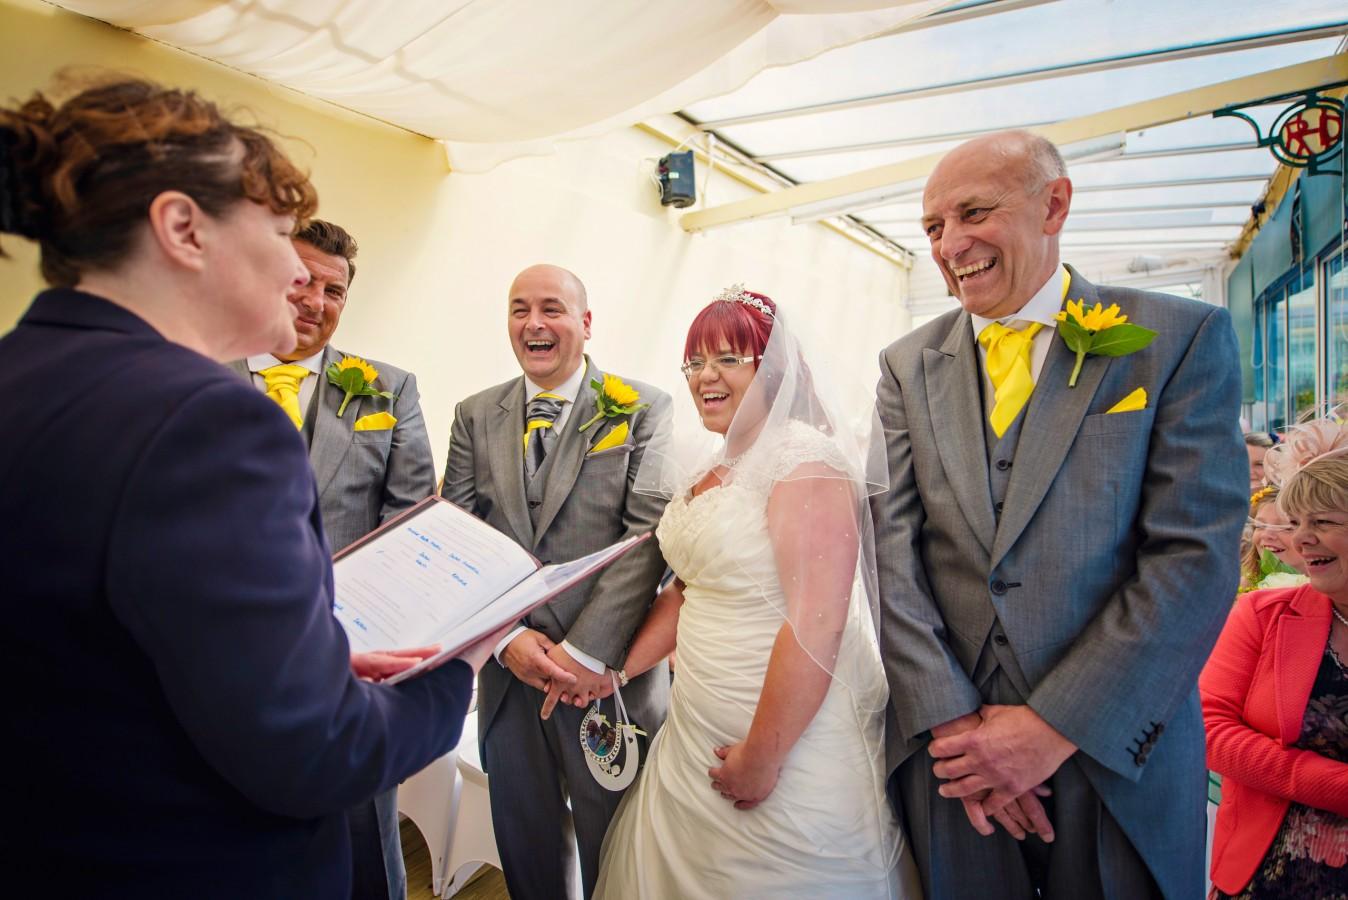 Hampshire Wedding Photographer - GK Photography-109